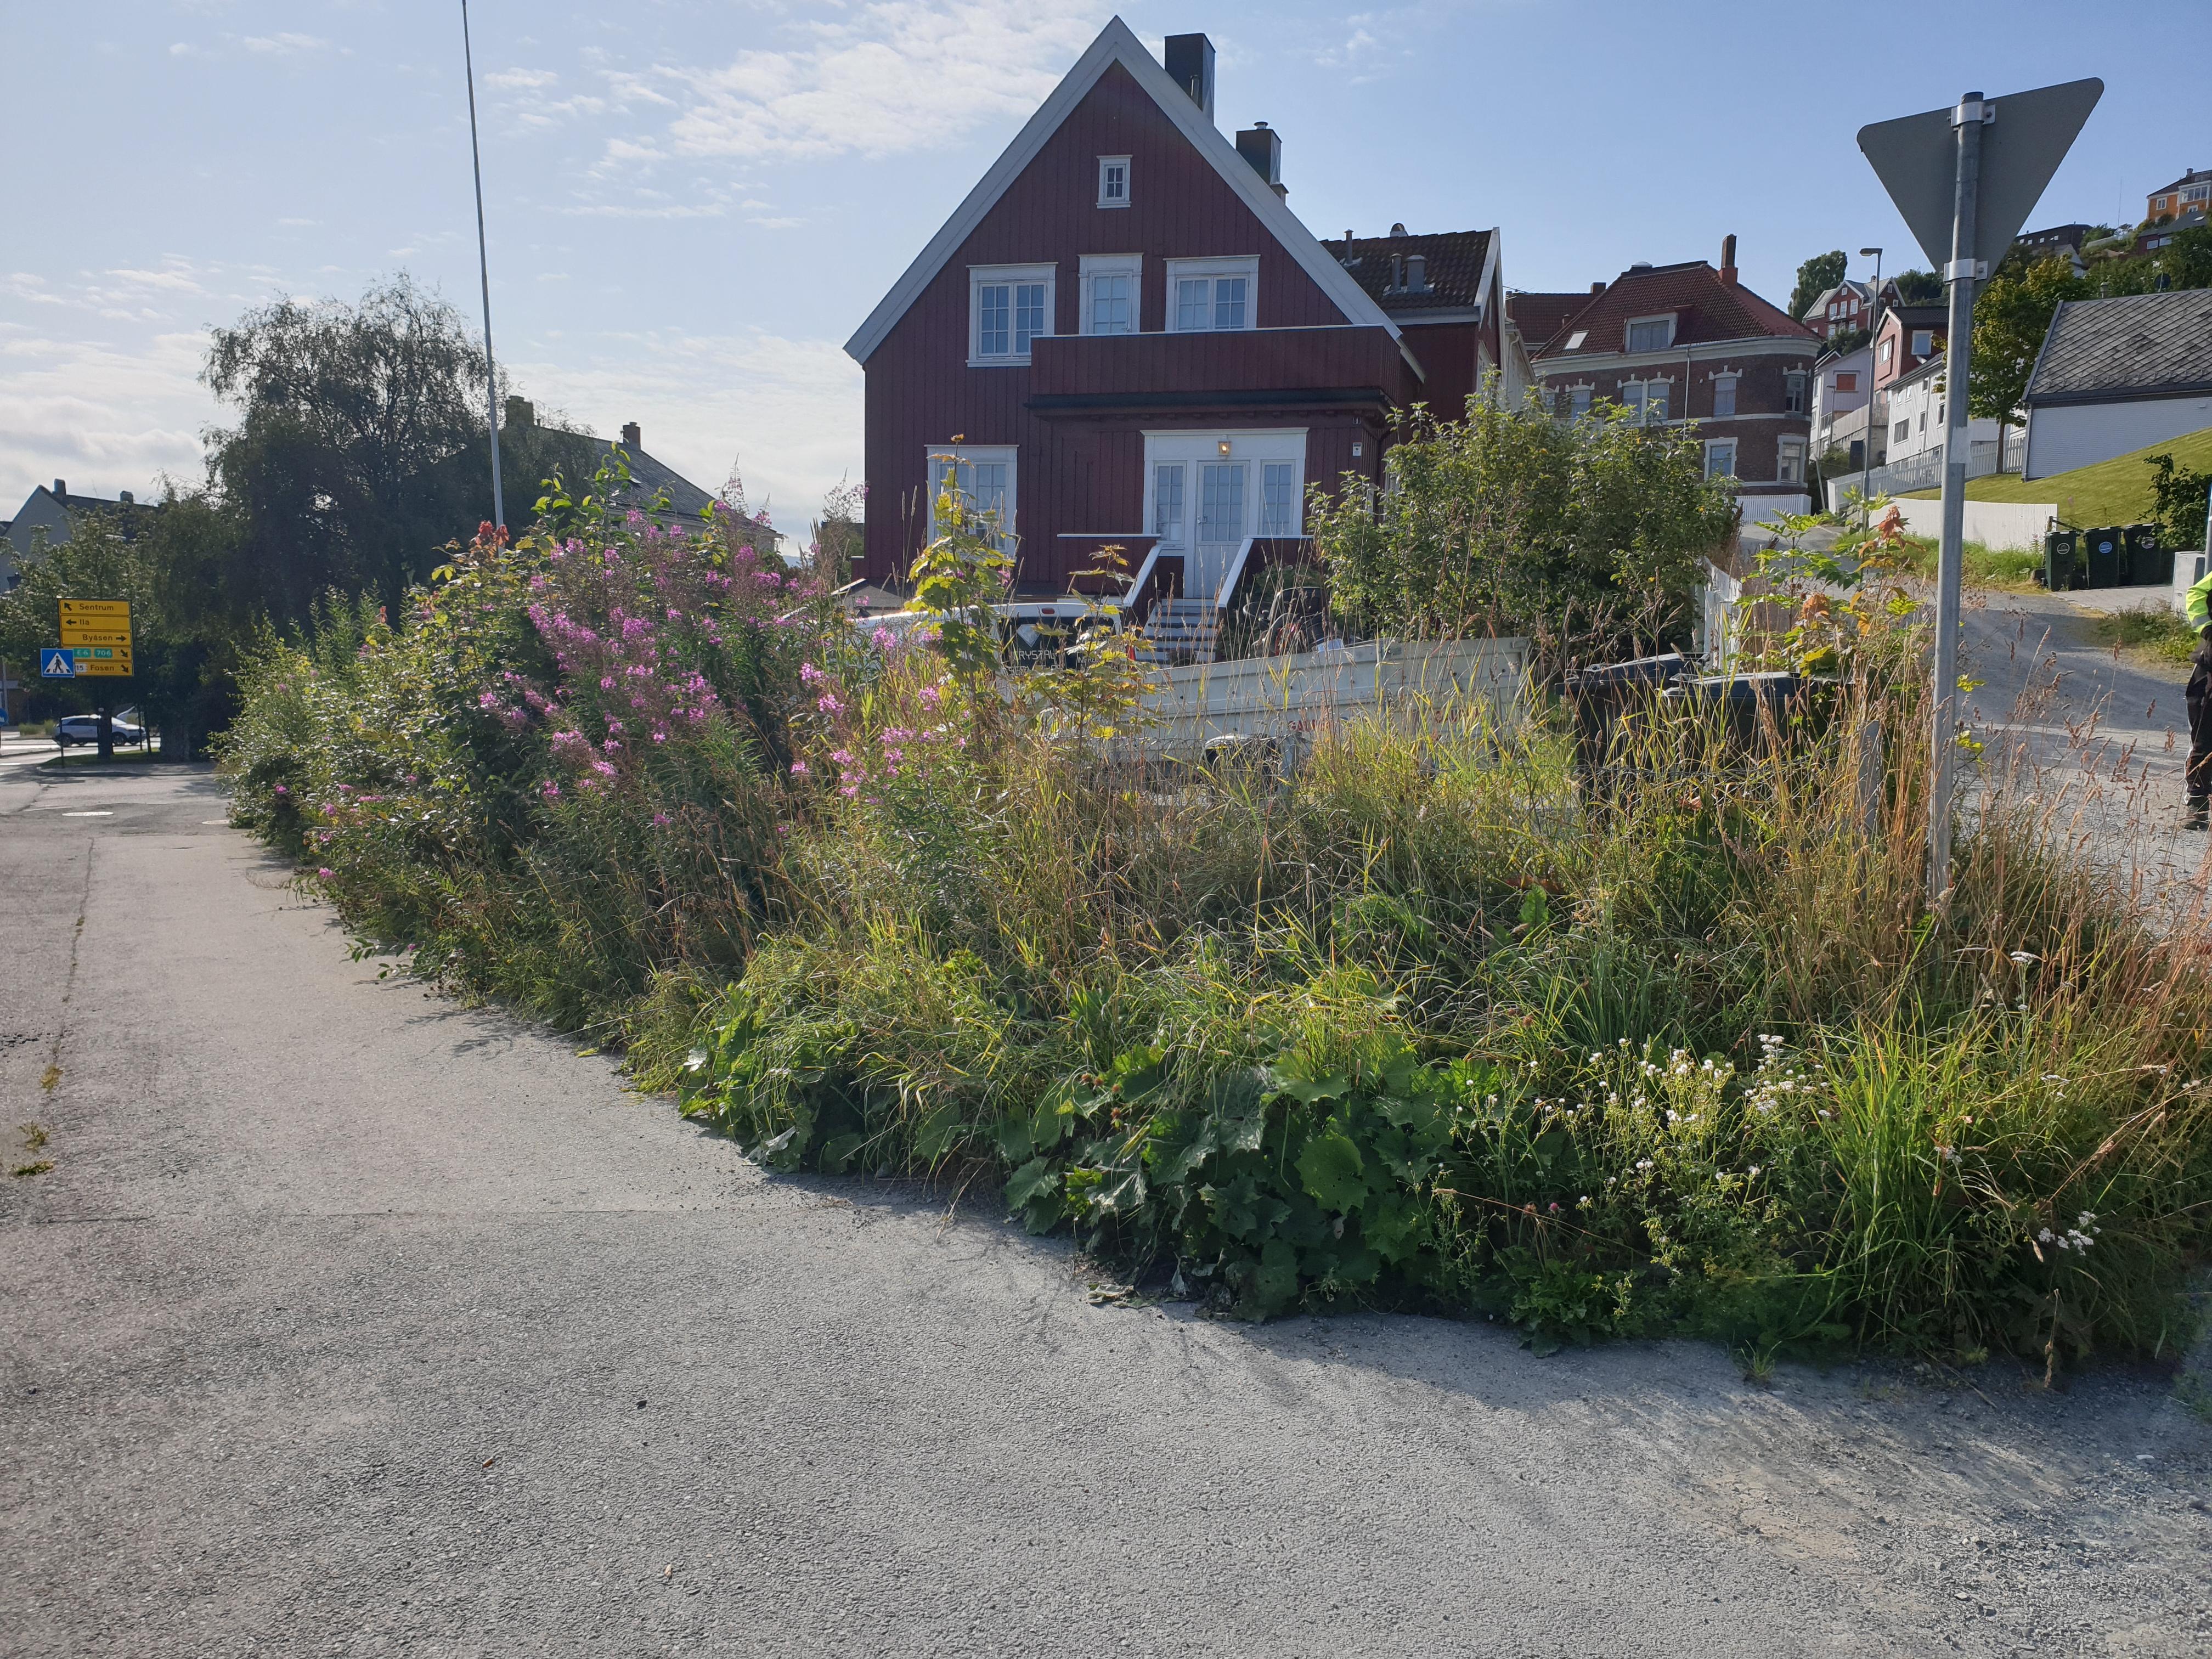 vedlikehold av hage før